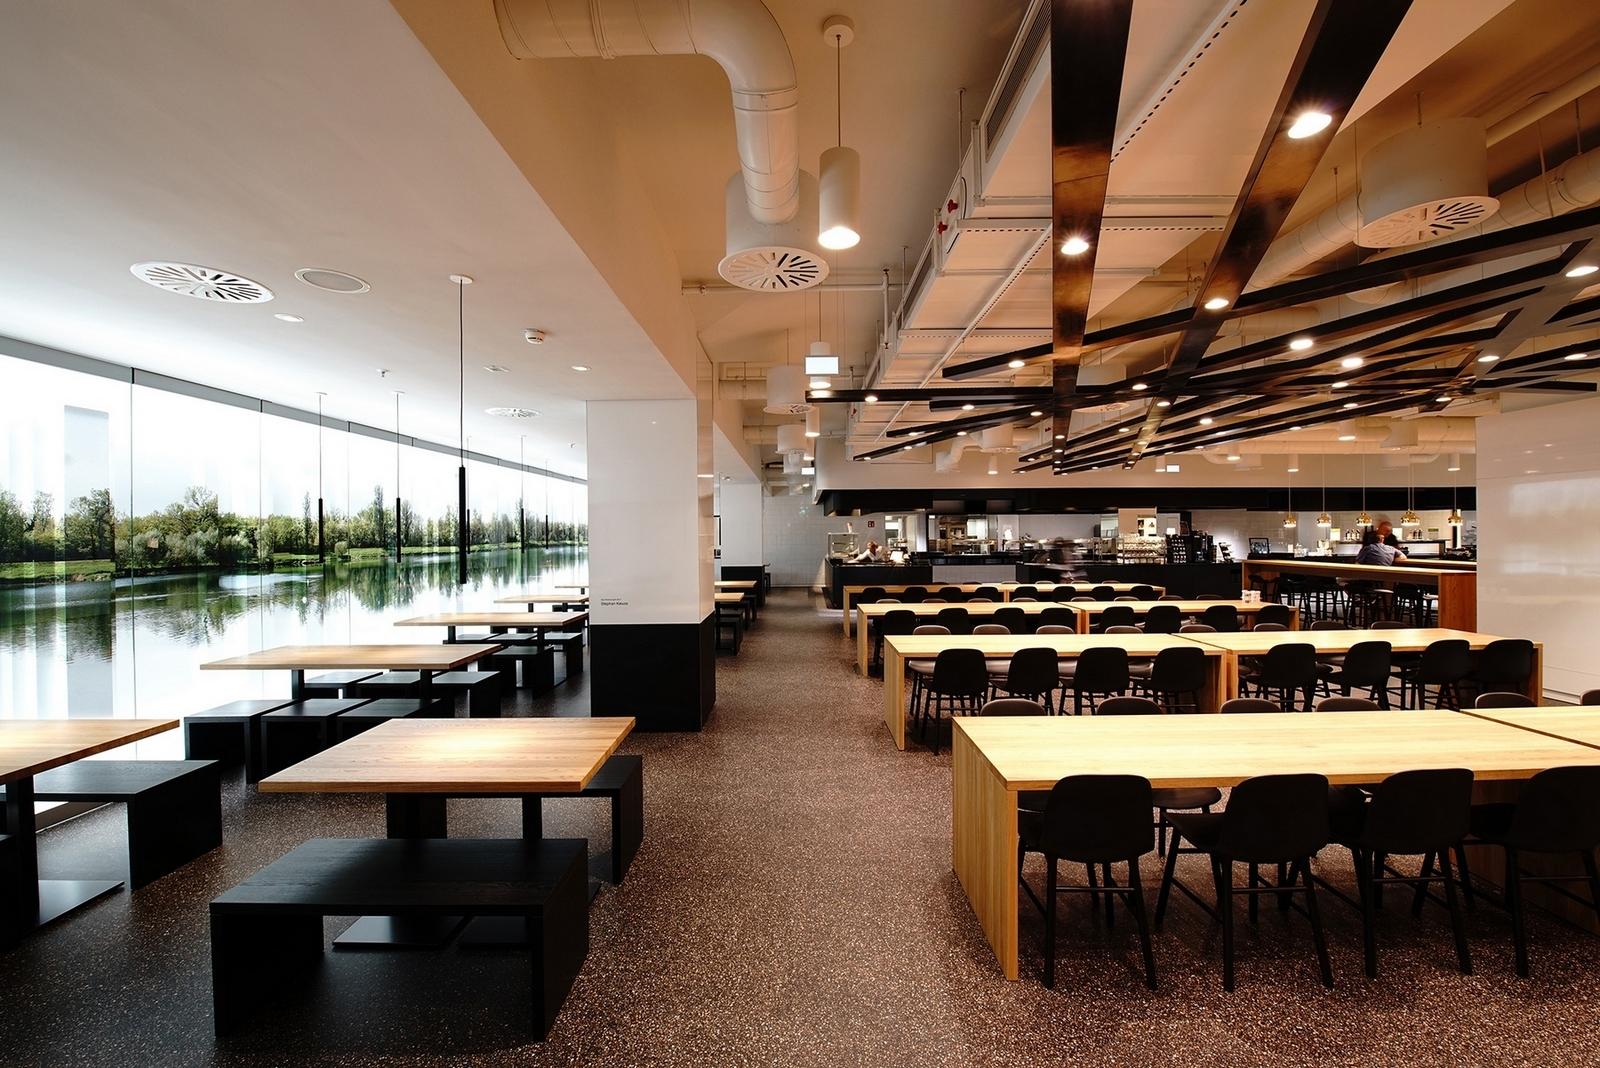 Il progetto Human Centric Lighting di LKL: la sala della caffetteria di Dusseldorf con finestra panoramica e illuminazione artificiale dinamica